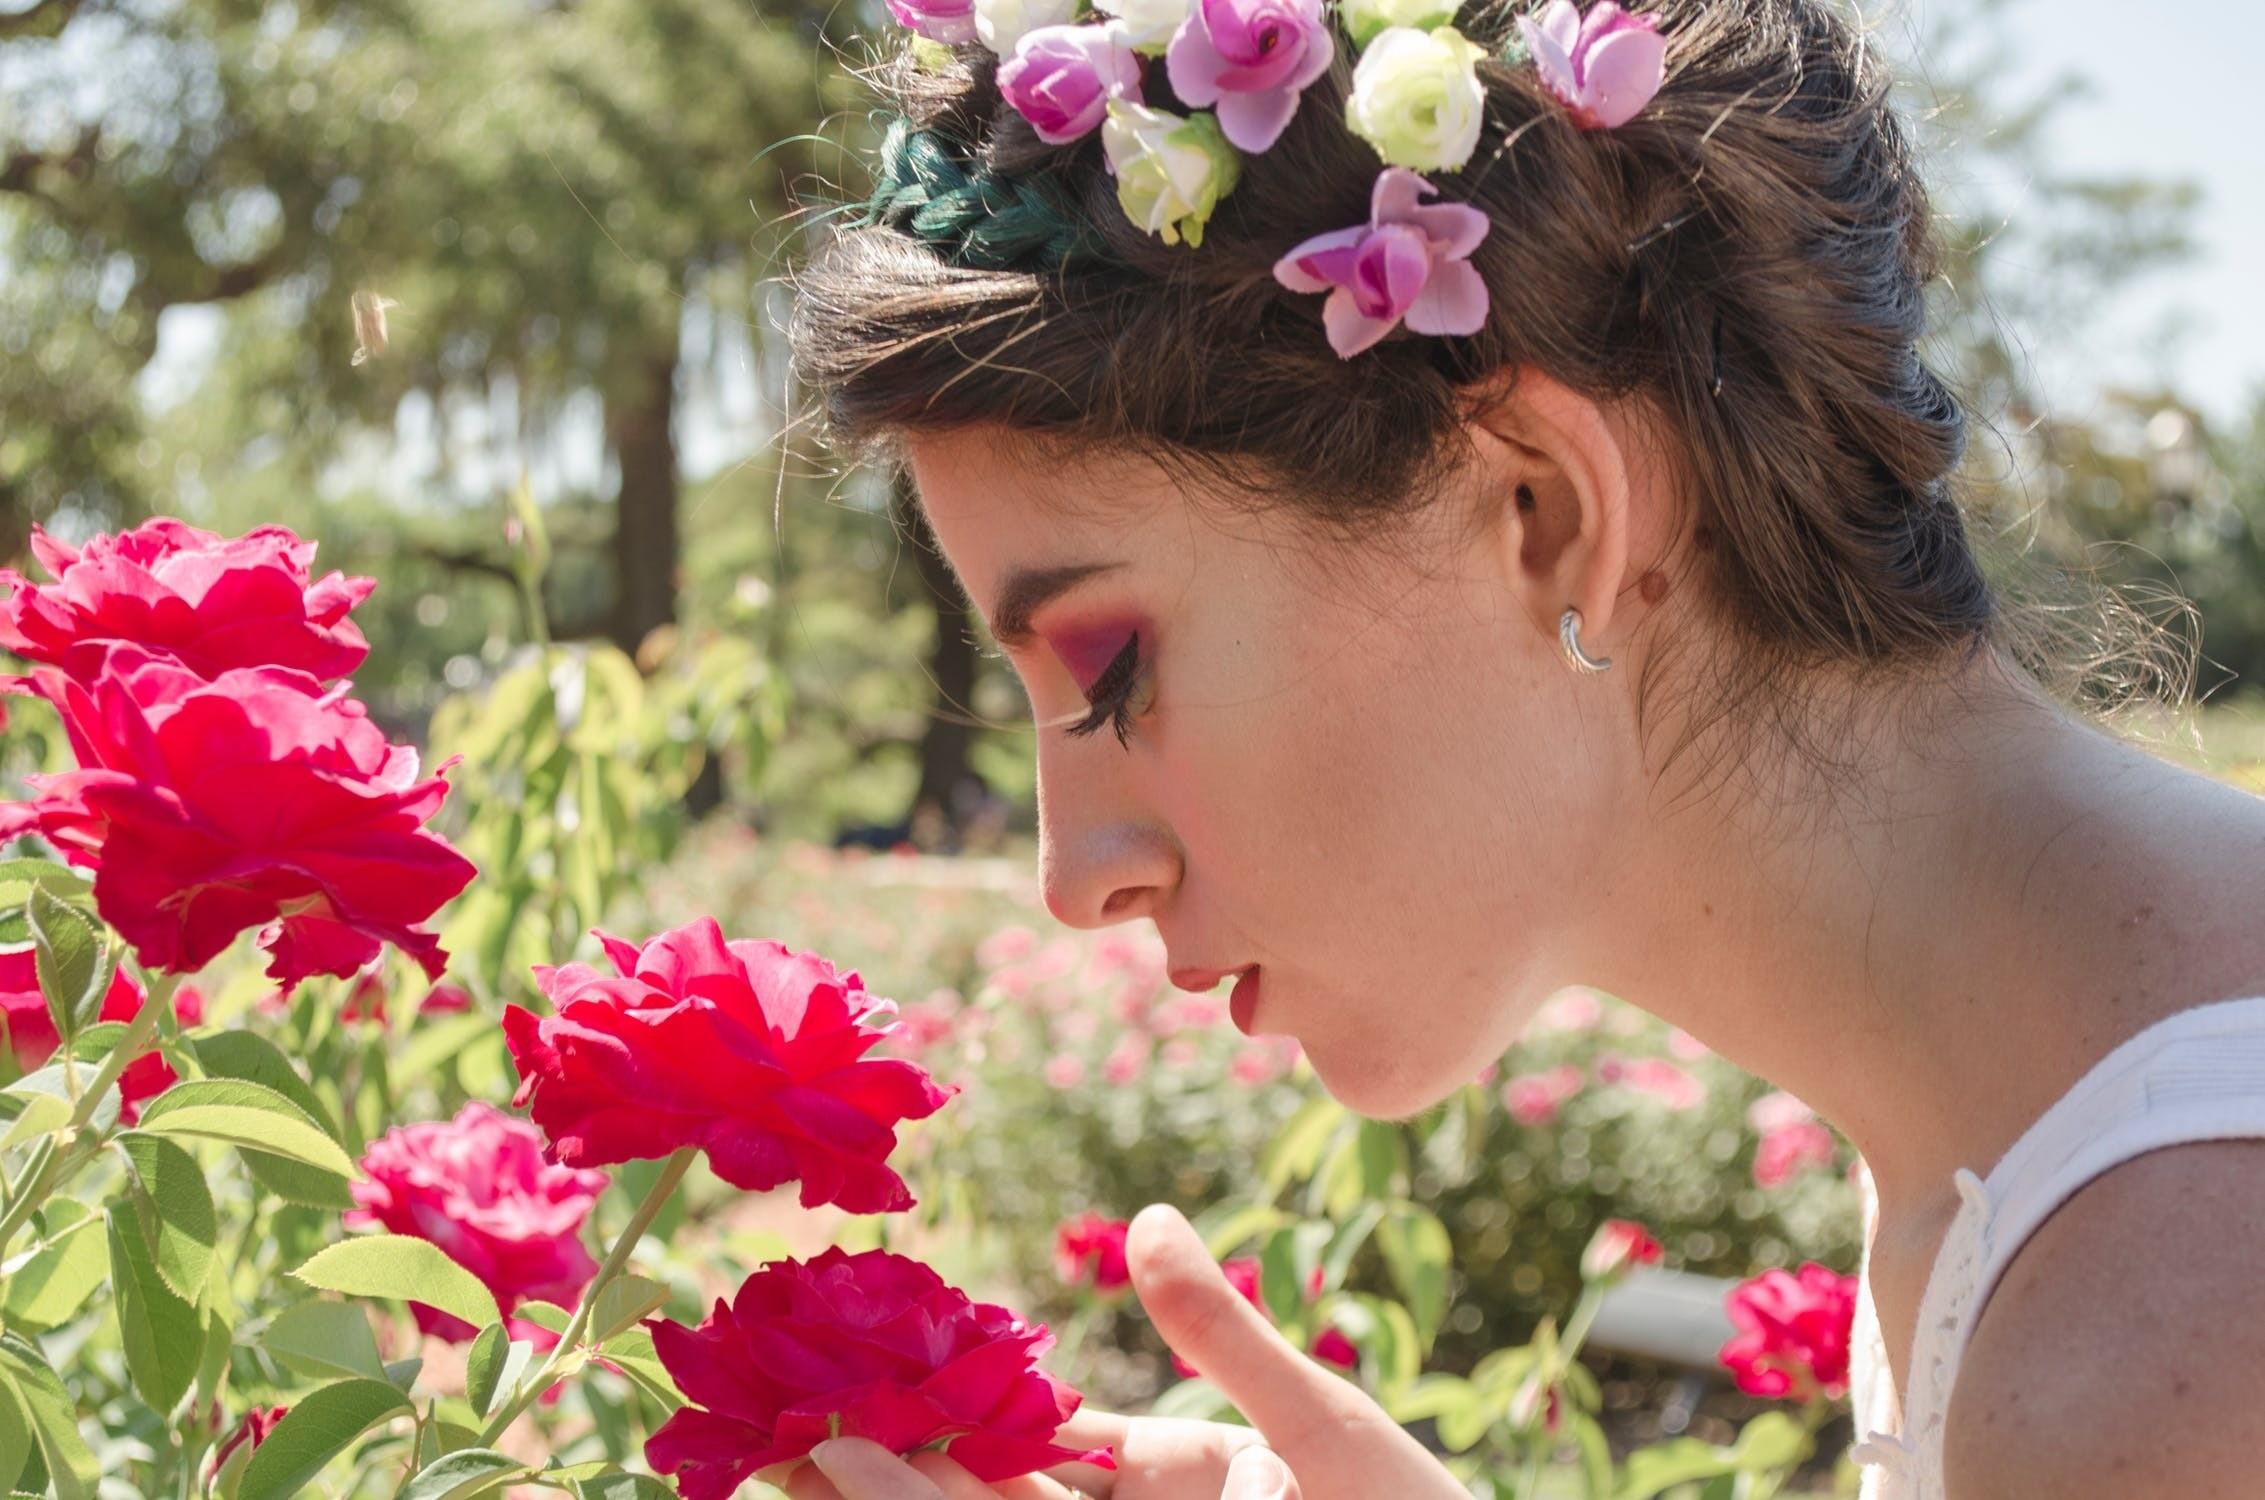 Как повысить свою парфюмерную грамотность: 6 советов, которые помогут научиться различать ароматические ноты